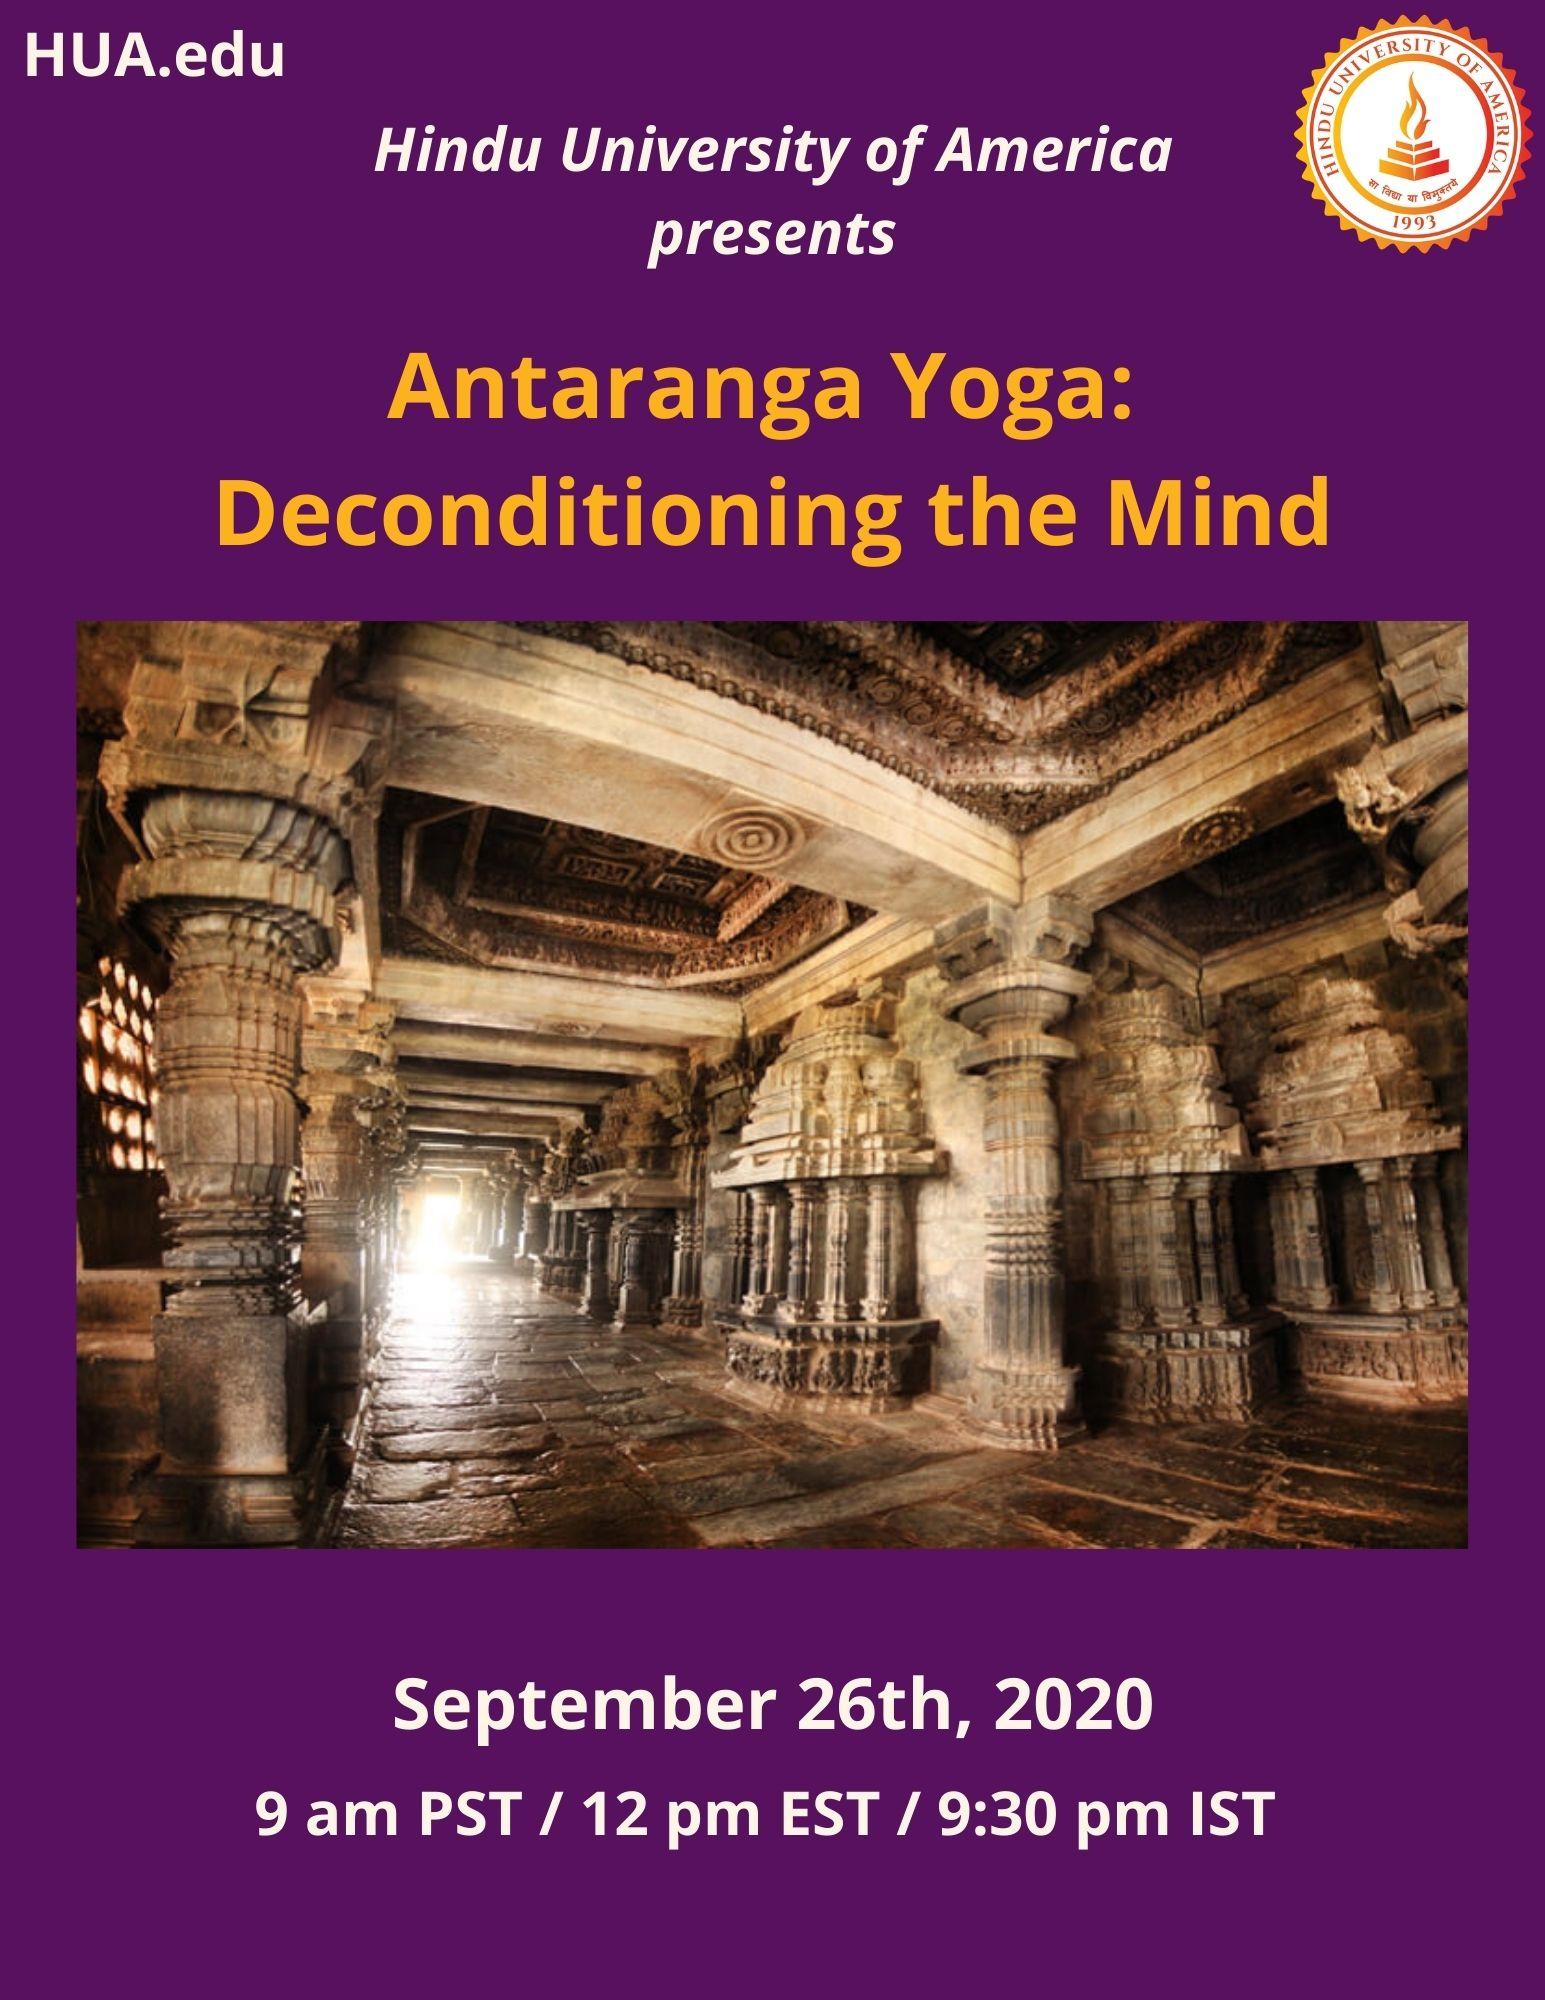 Antaranga Yoga: Deconditioning the Mind